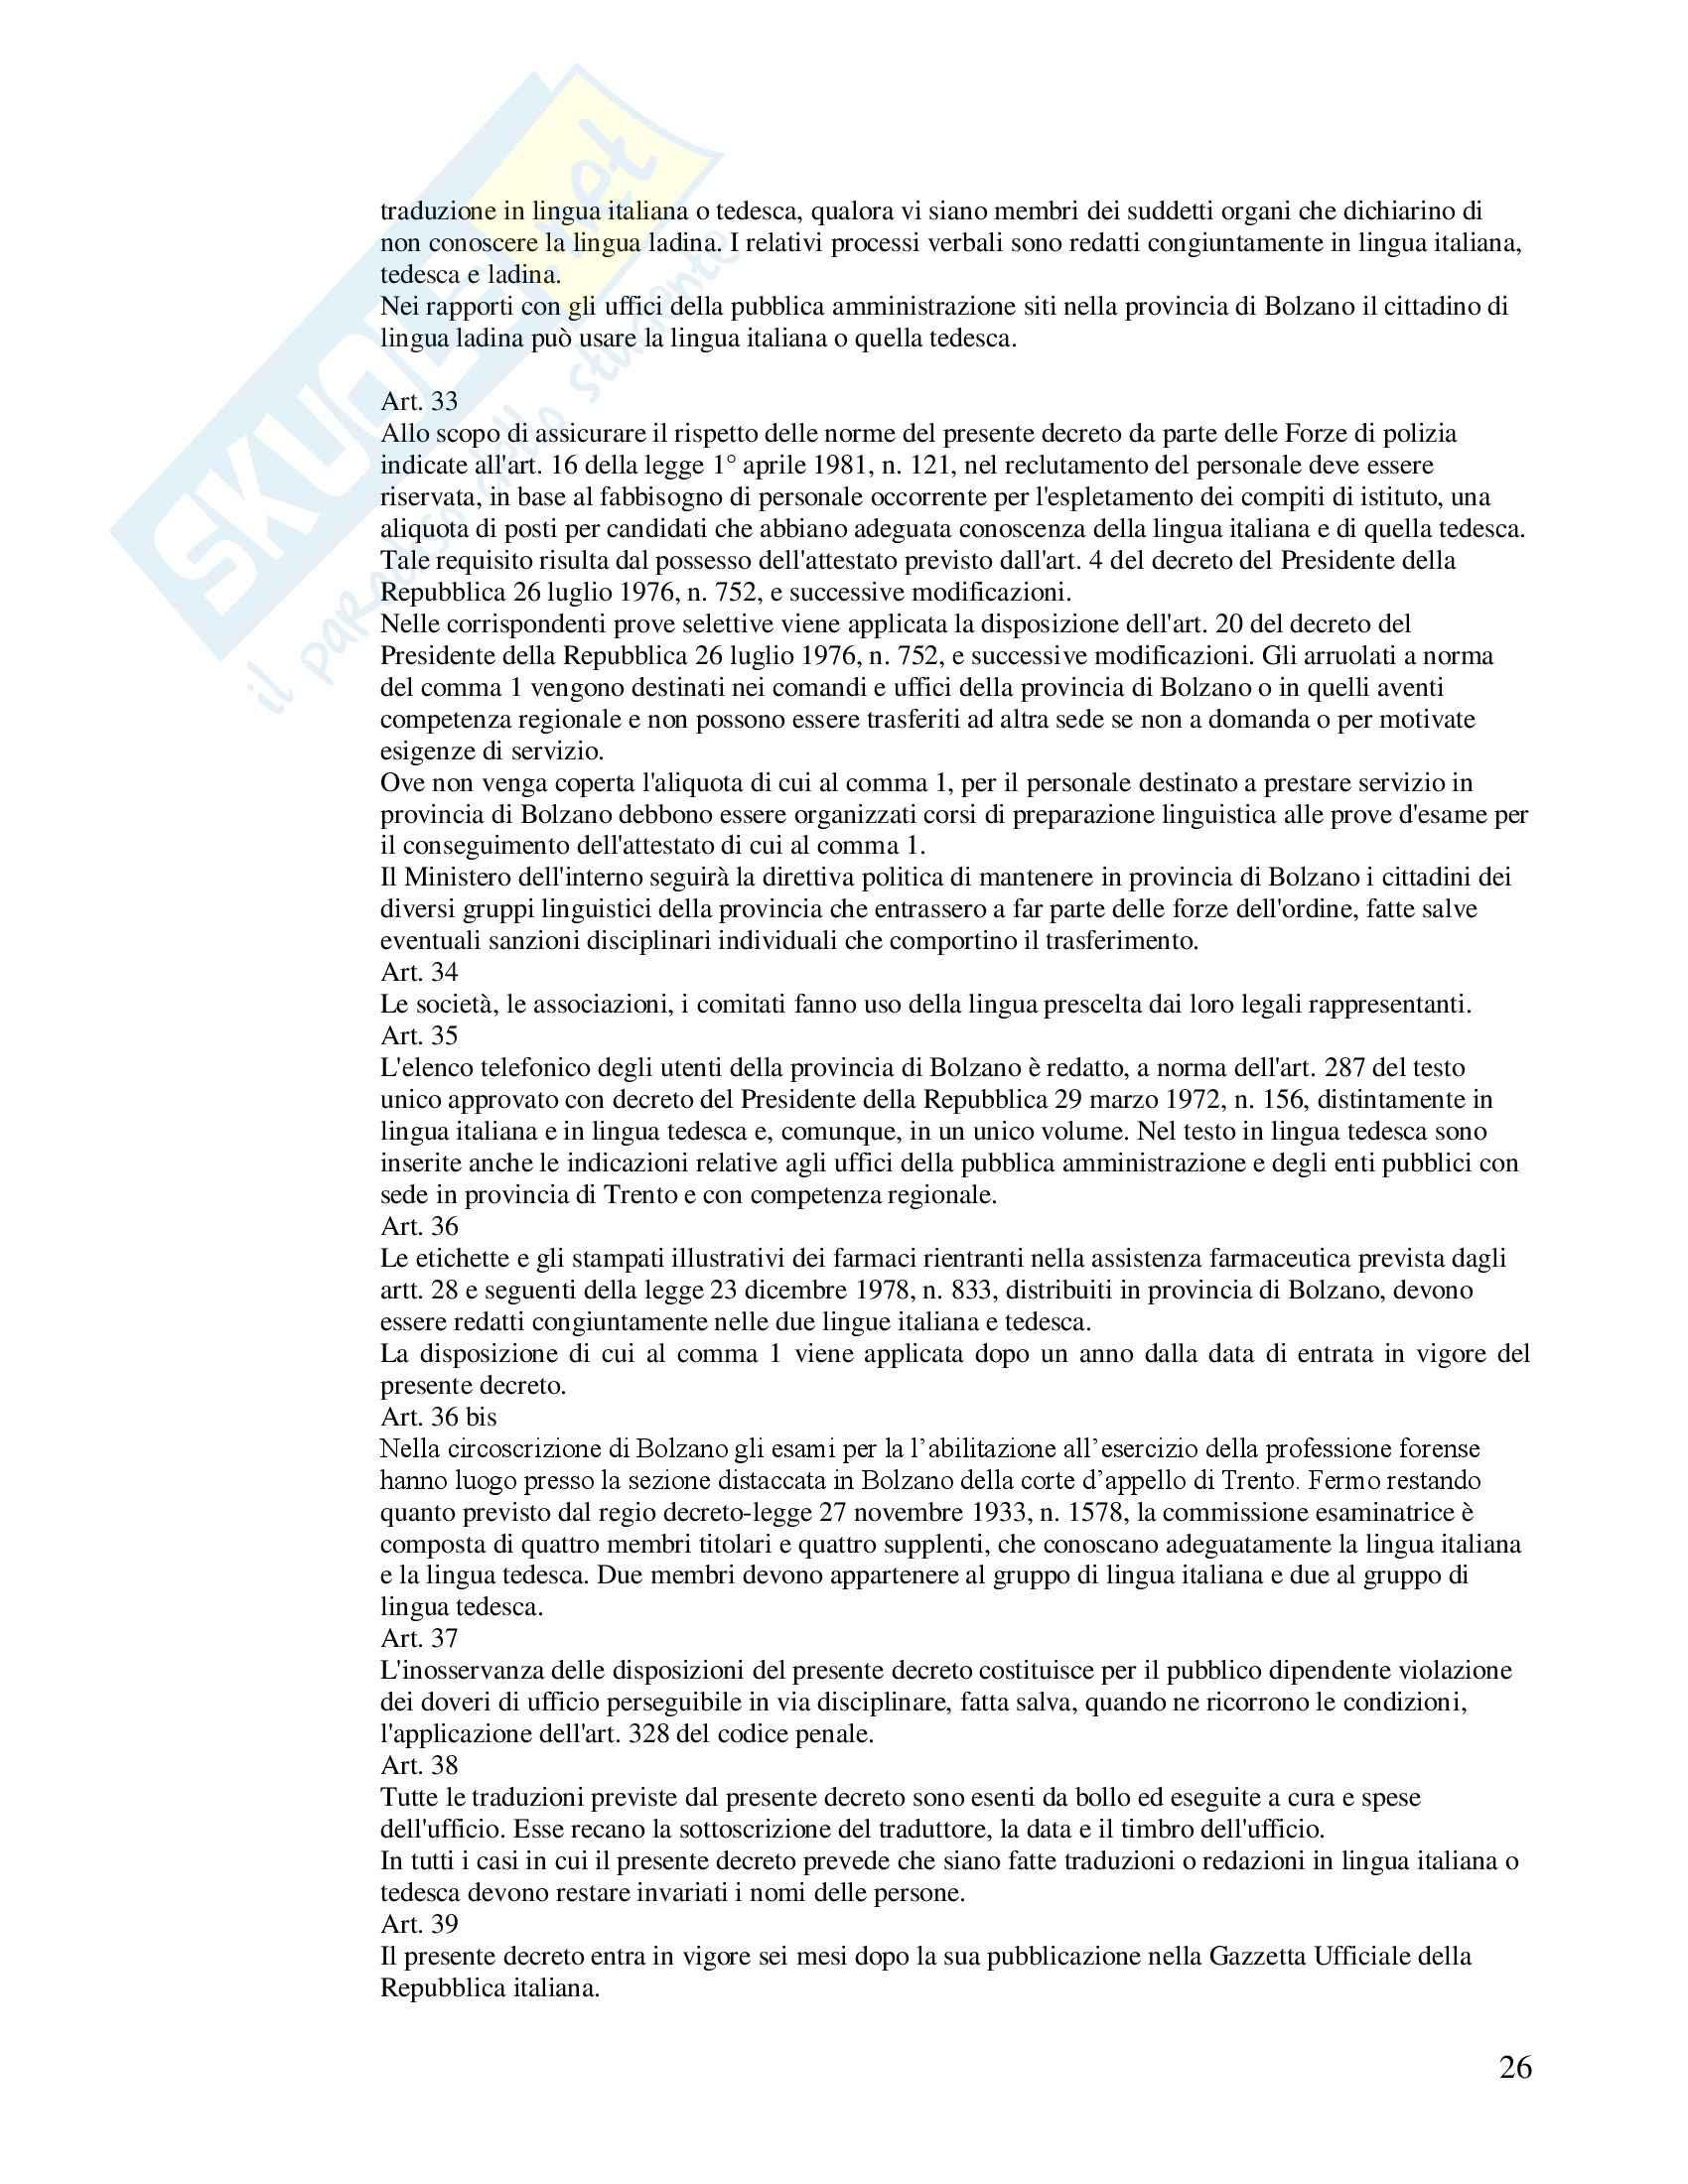 Revocazione per errore di fatto ricadente sugli atti processuali - Capitolo I Pag. 26